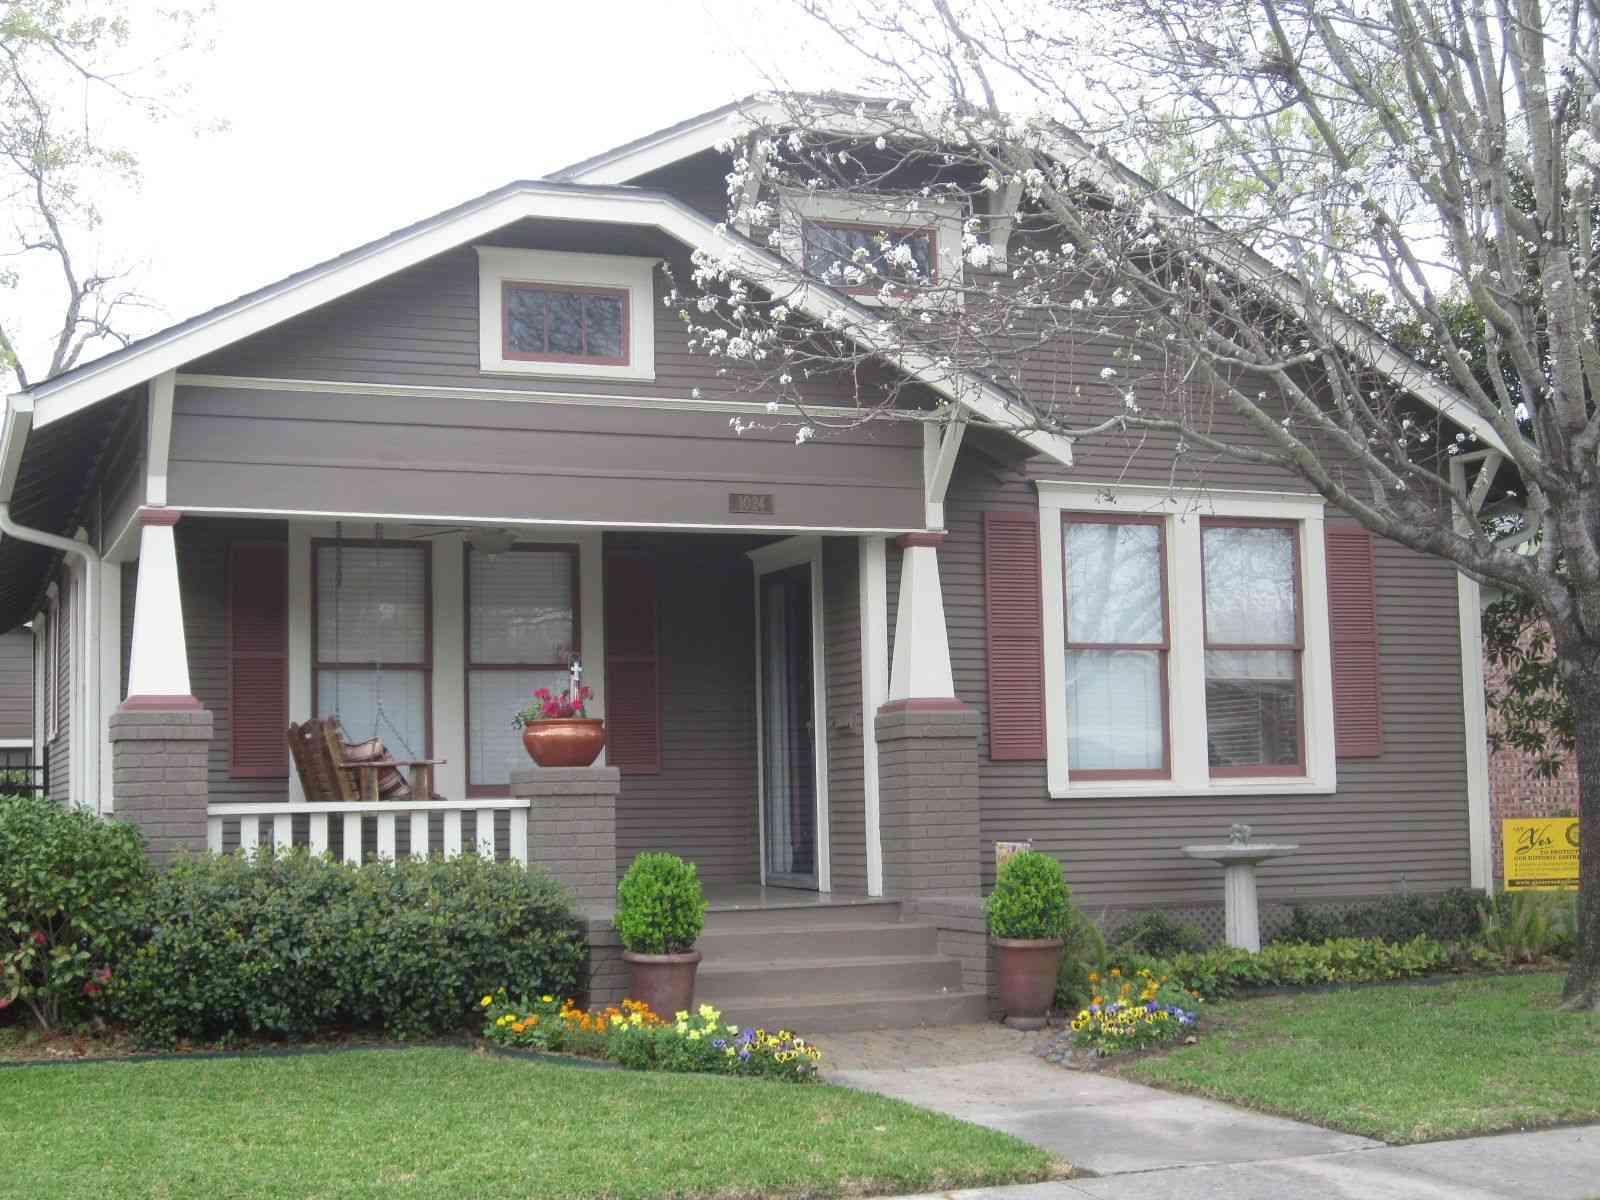 House Painters San Antonio Painting Contractors San Antonio Painting Company San Antonio